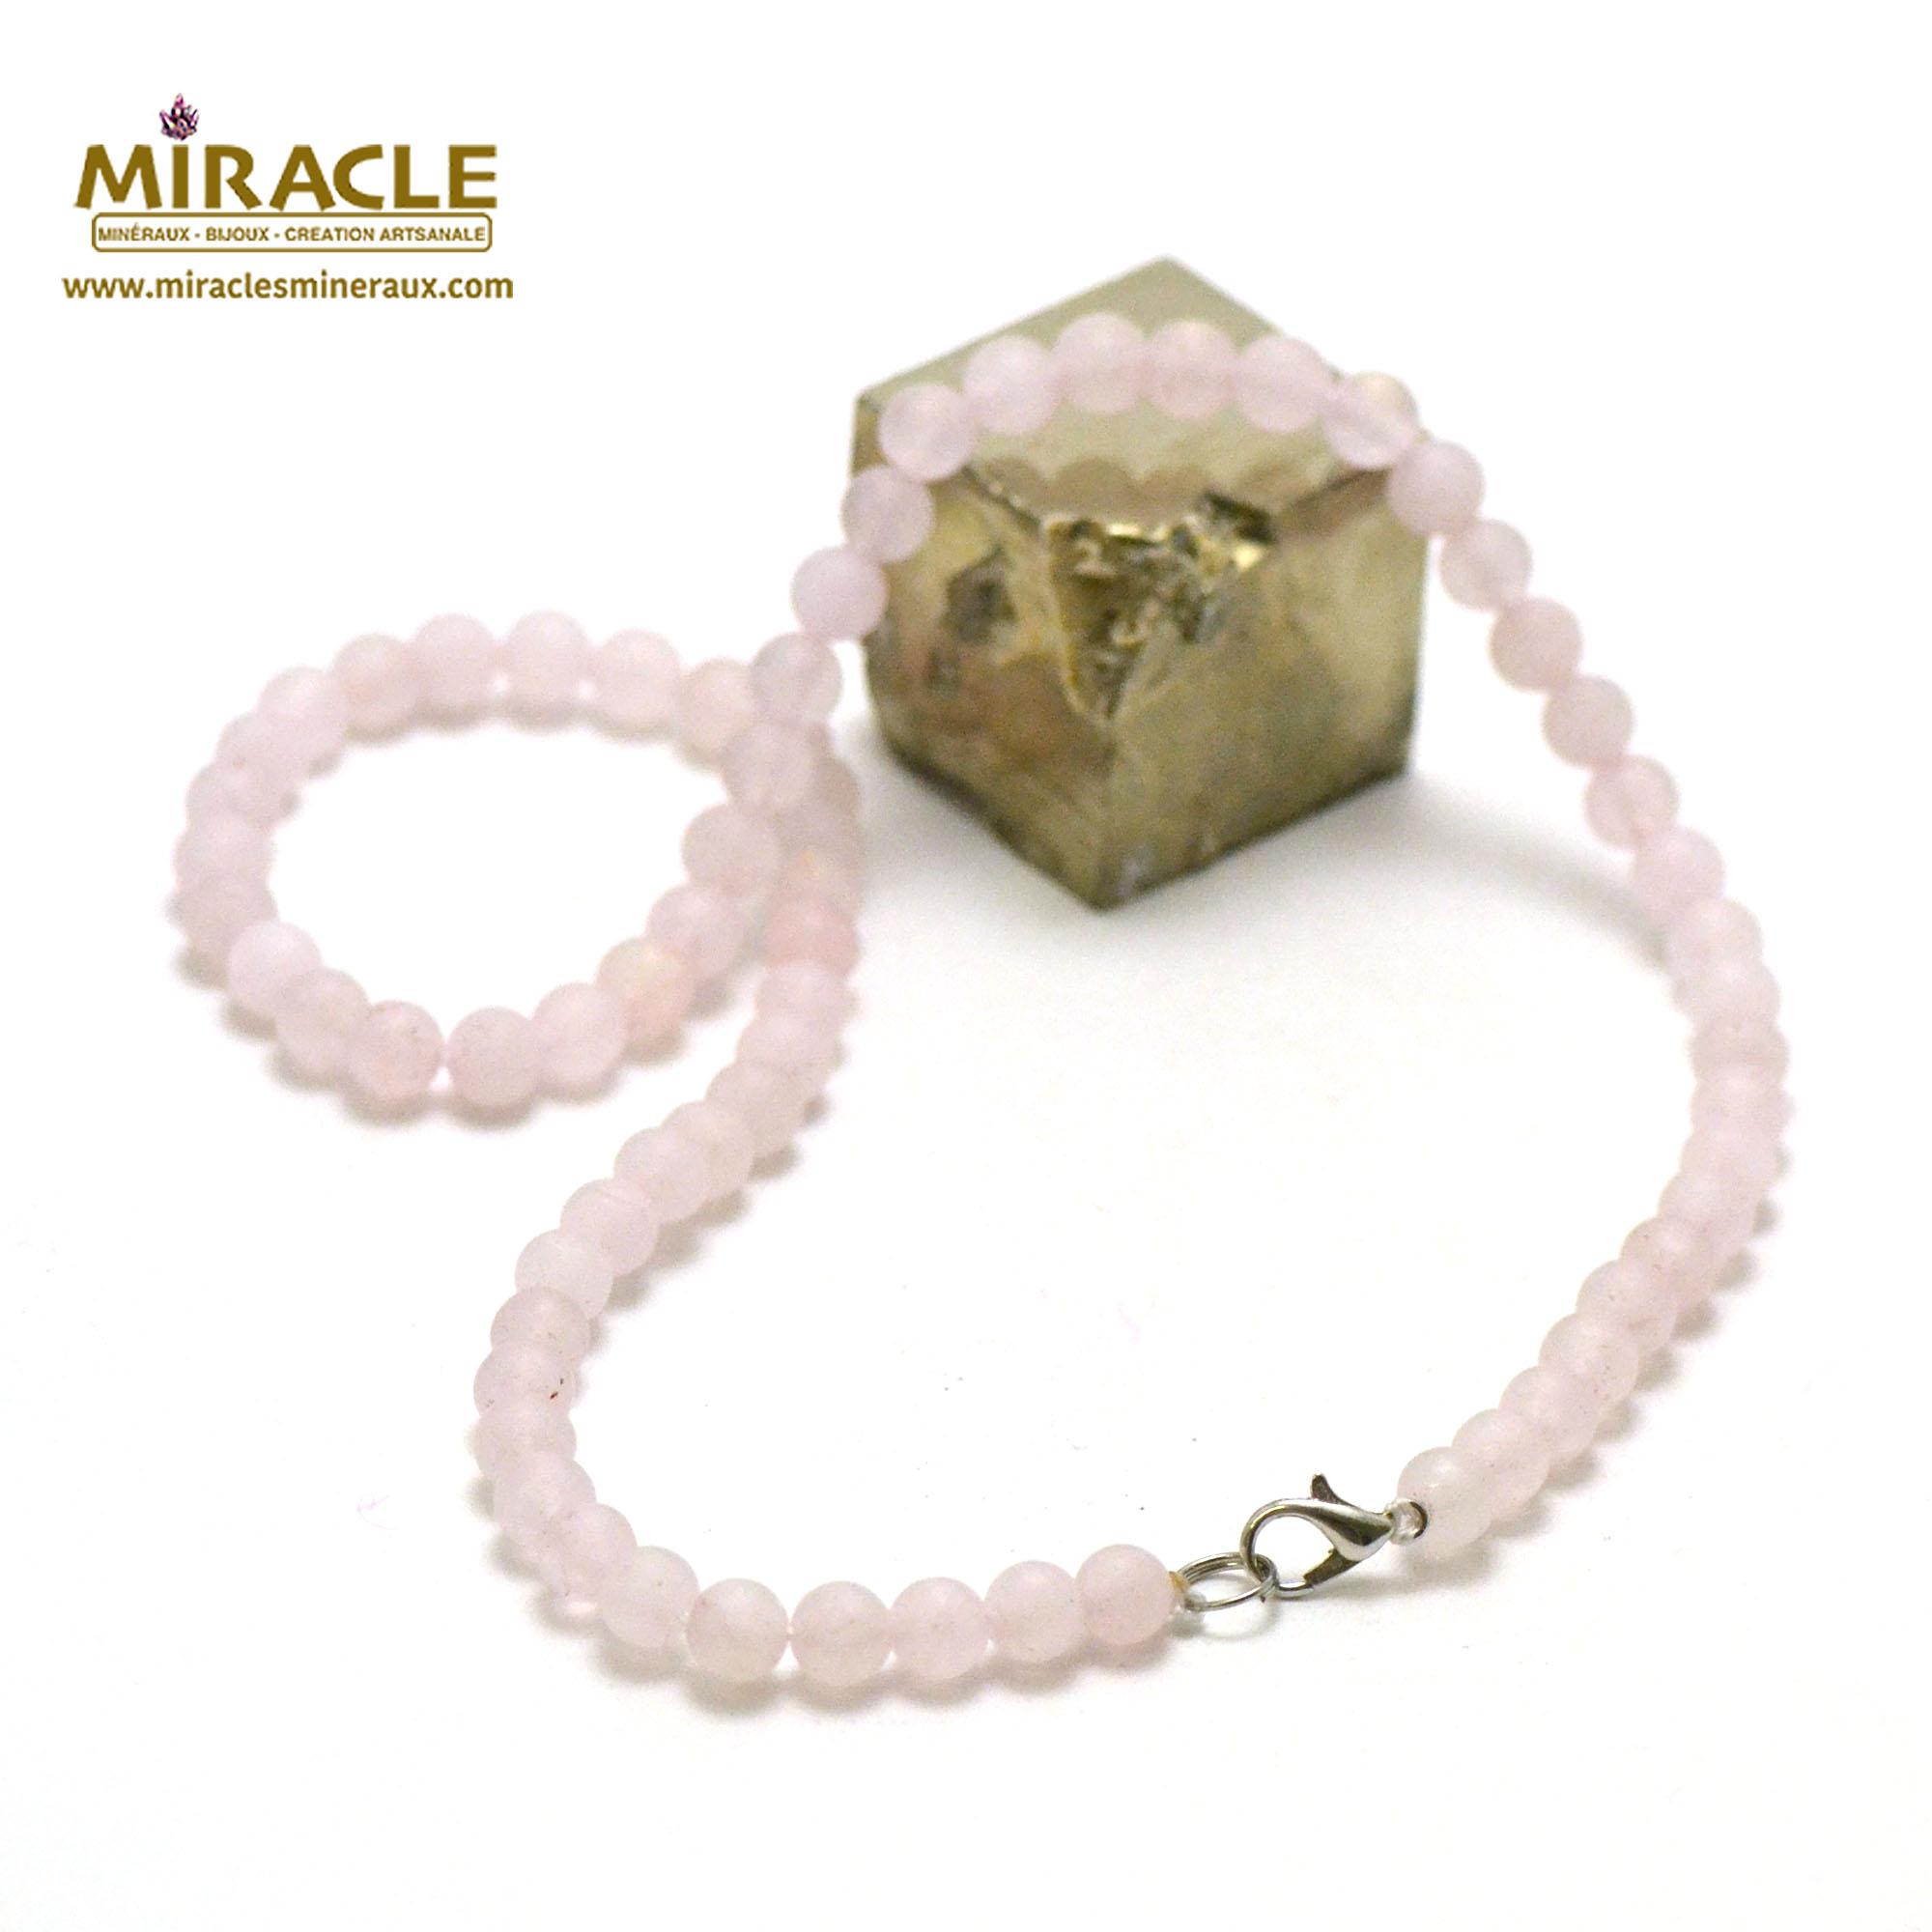 collier quartz rose givré perle mat ronde 6 mm